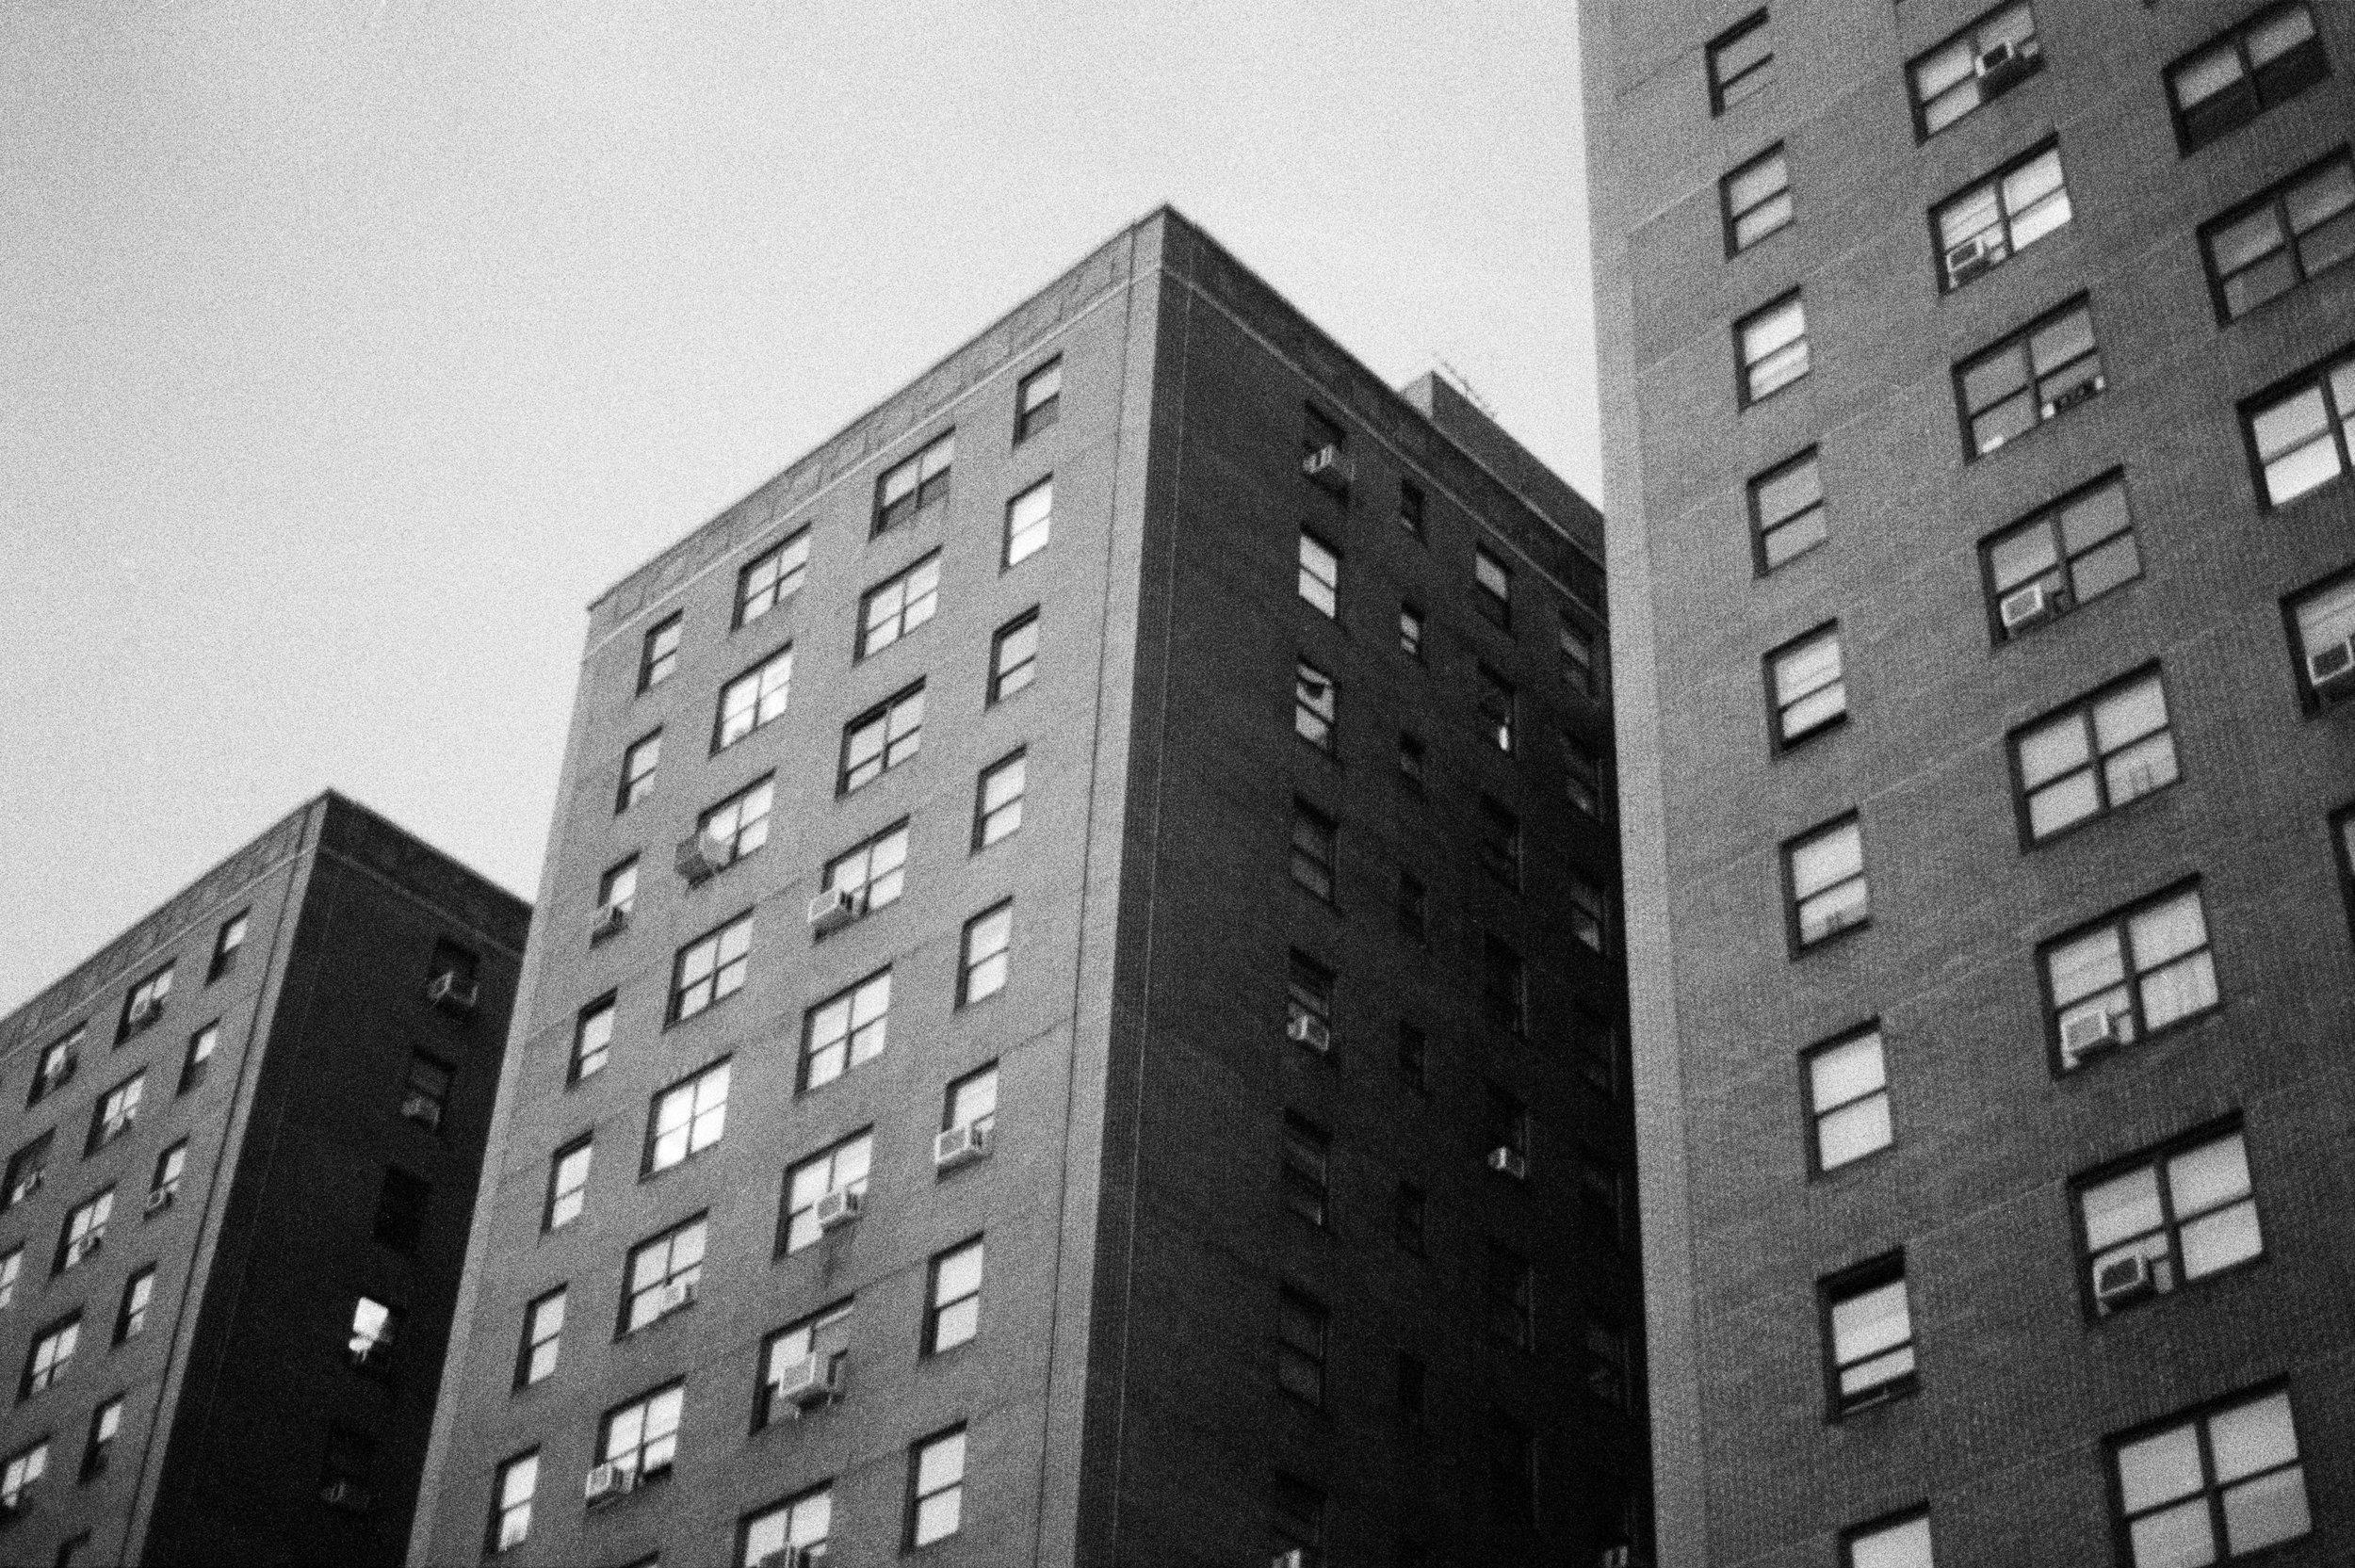 Harlem_Housing_edit.jpg